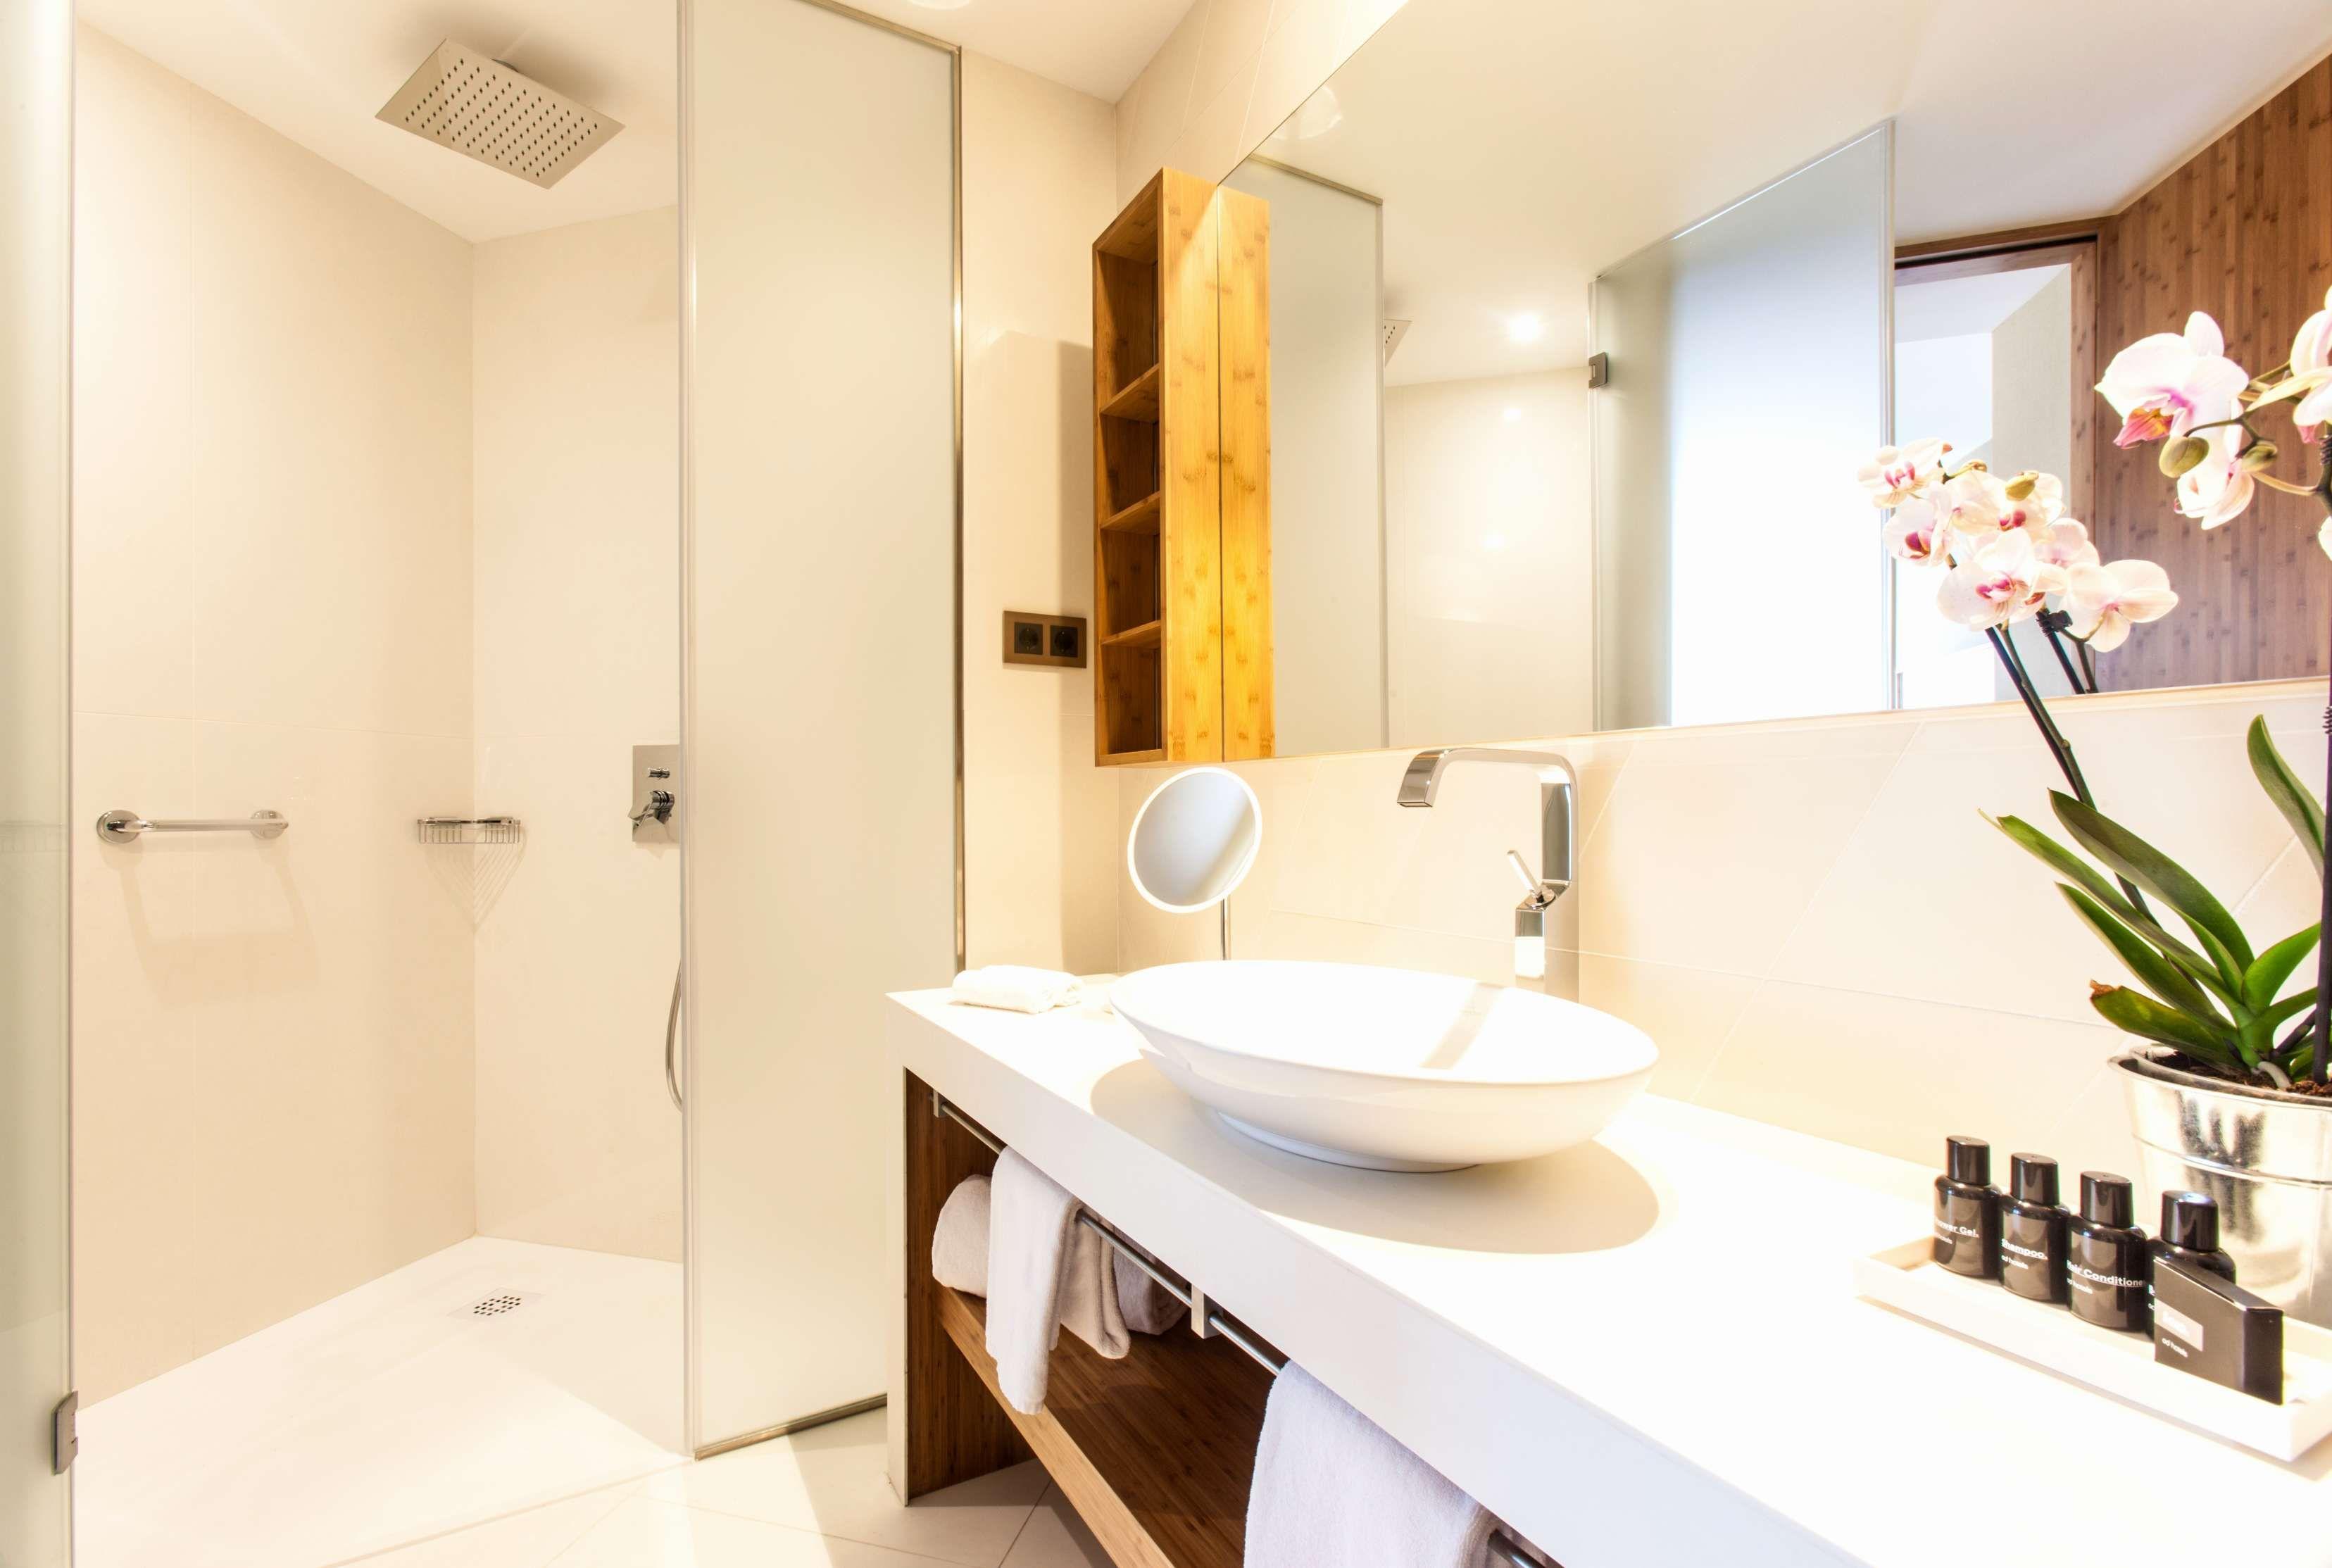 Günstige Badezimmer Renovieren Ideen - Billige Bad Renovieren Ideen ...